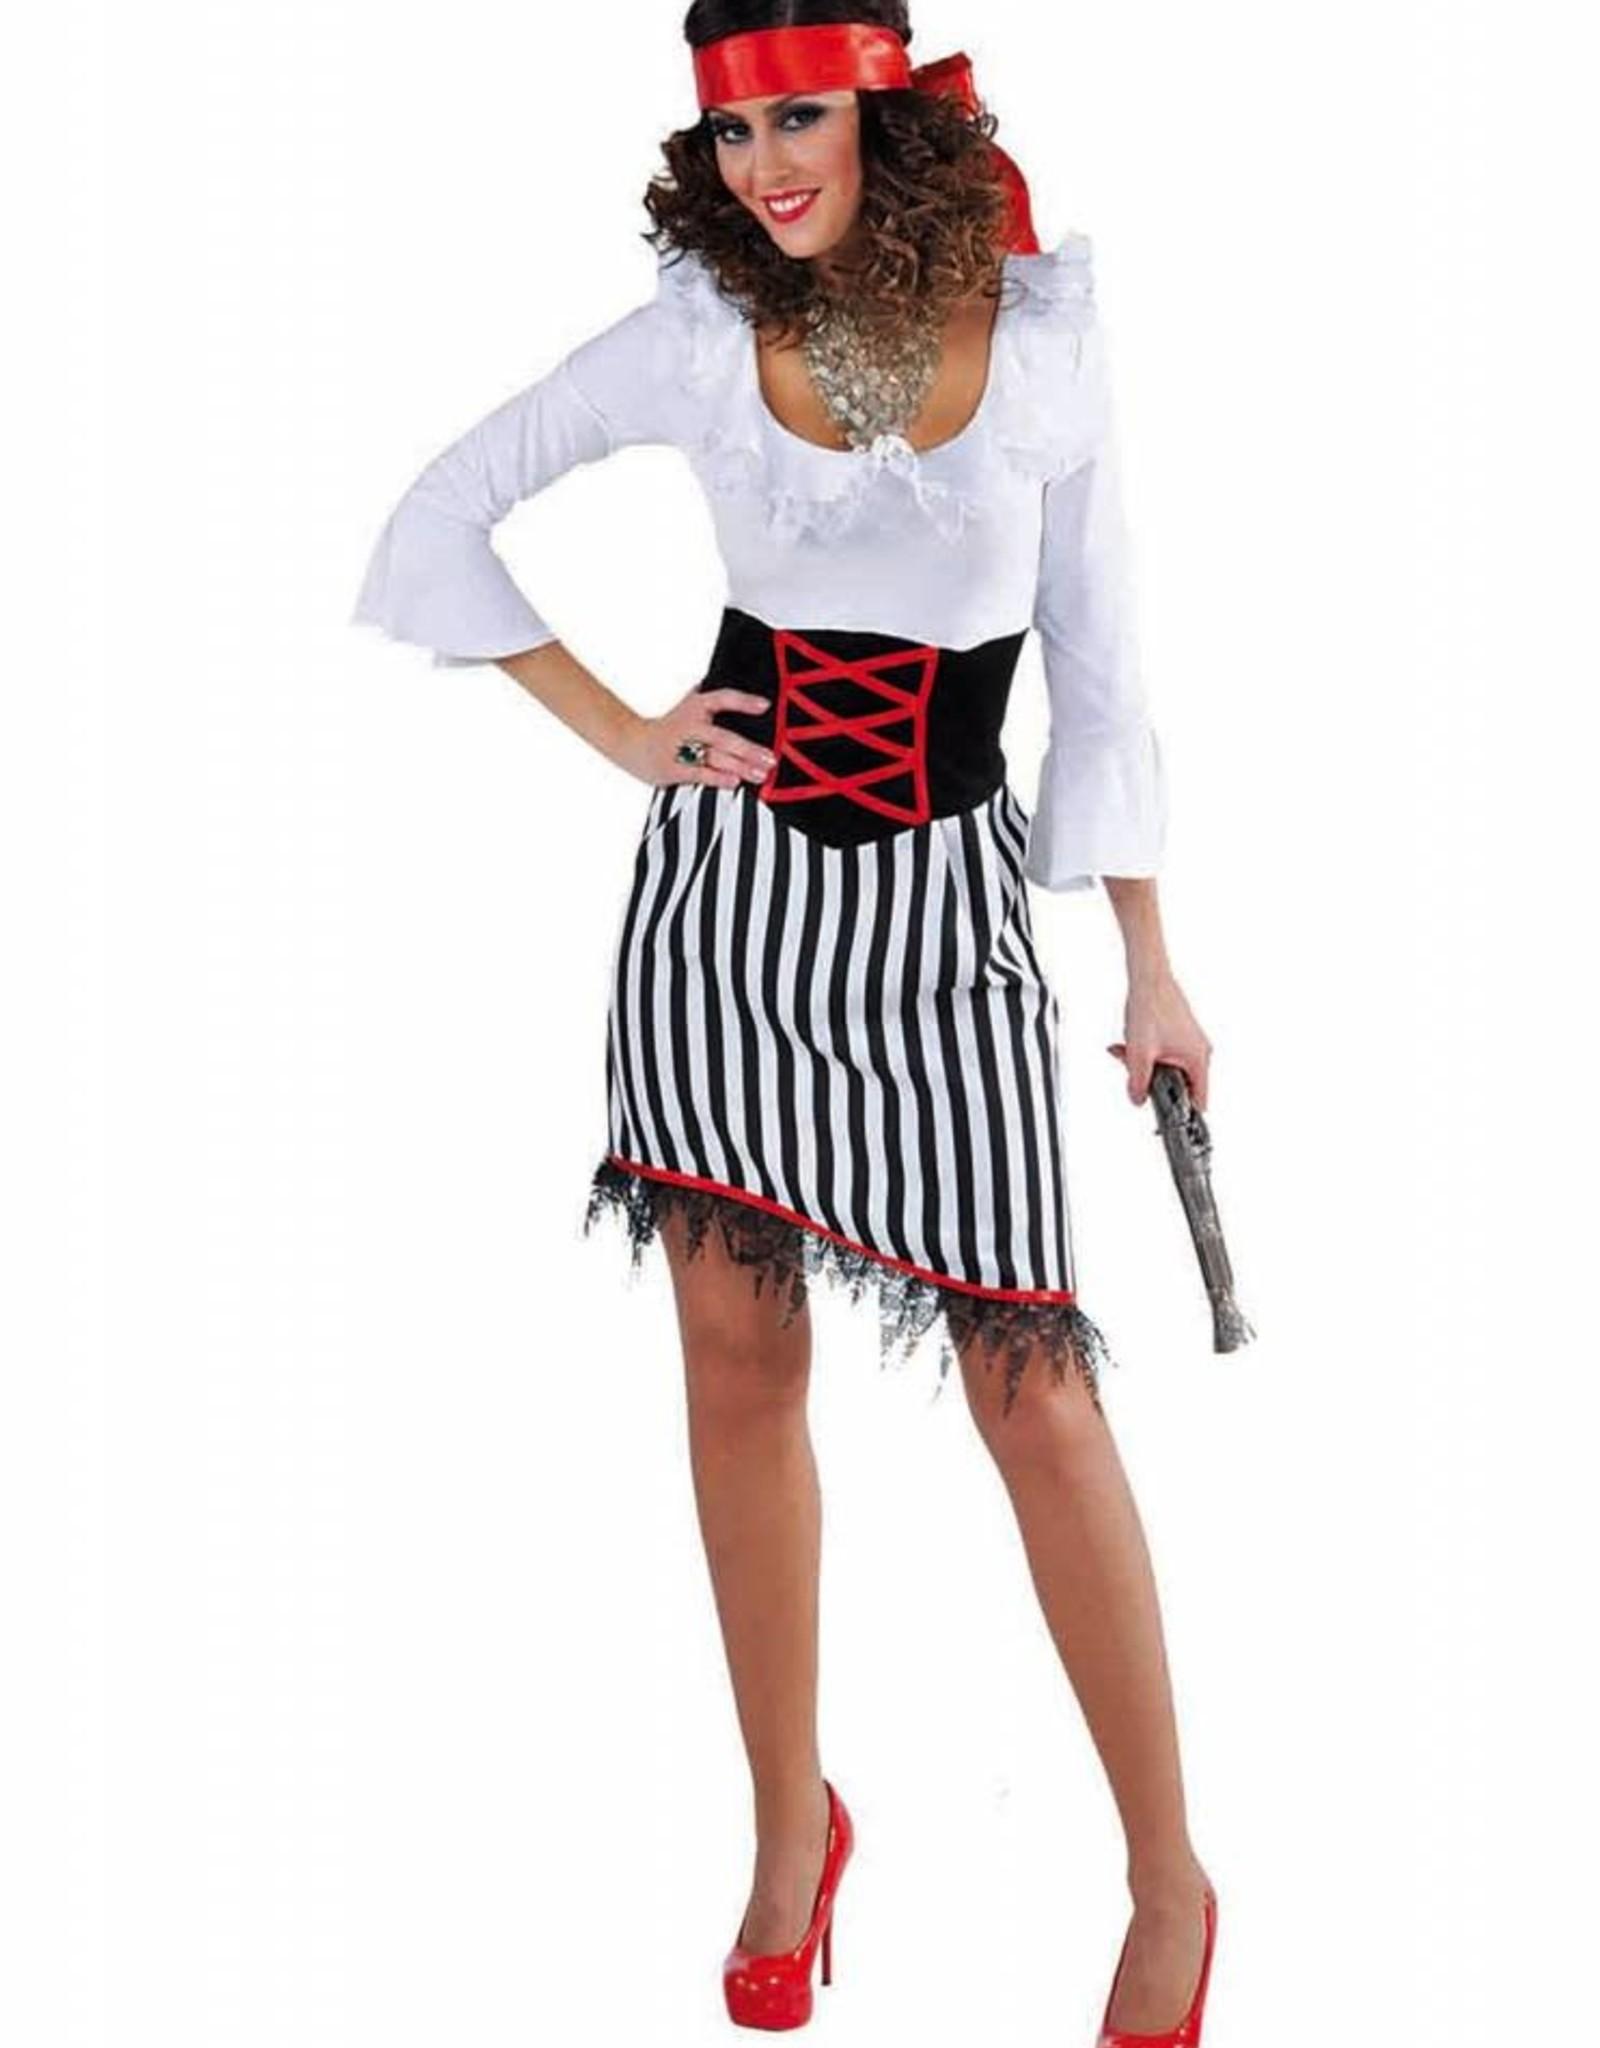 MAGIC piraatdame rok strepen huurprijs € 15